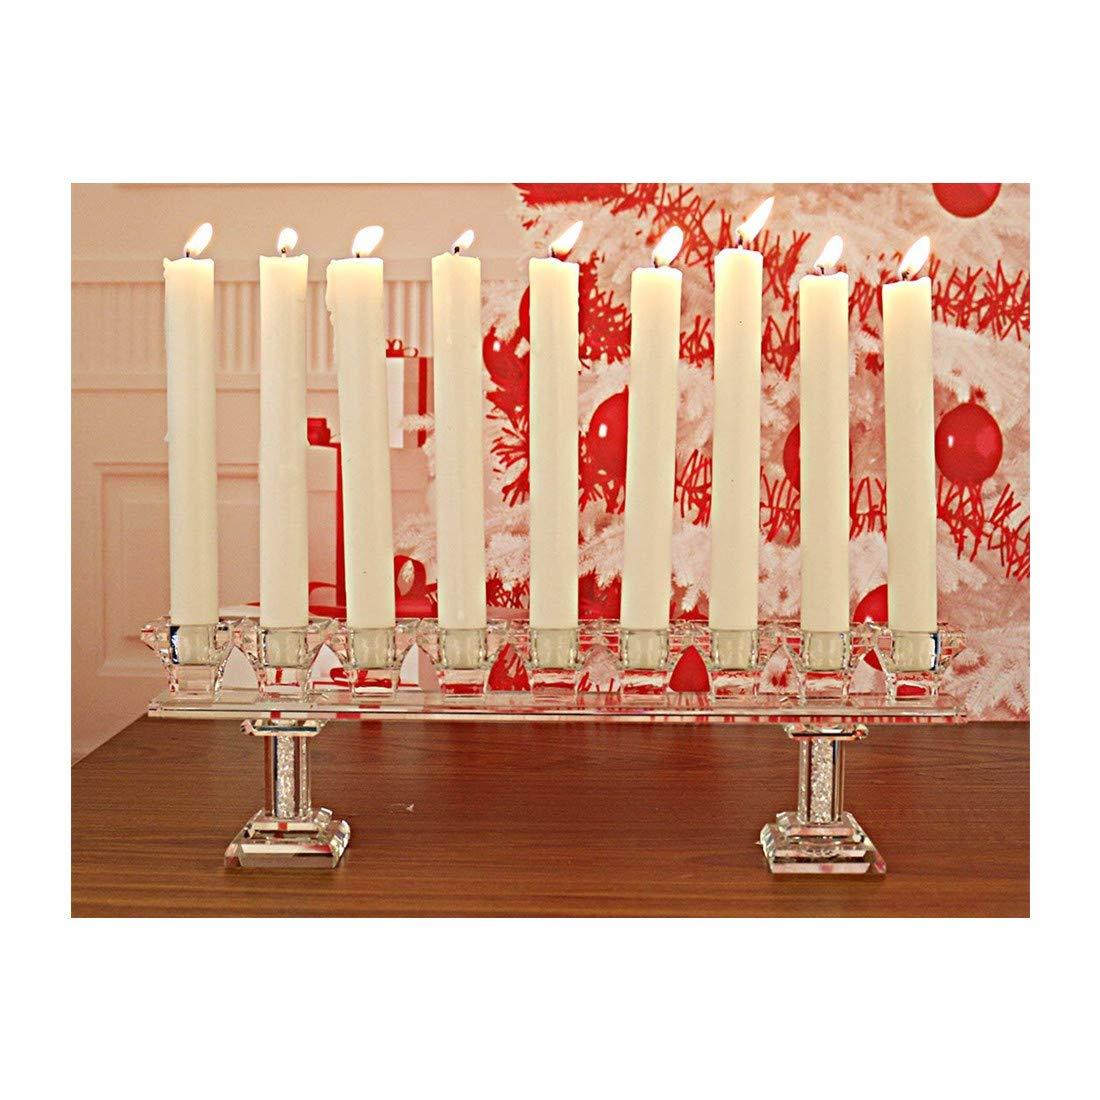 Sconosciuto H /& D Cristallo portacandele con 9/Luce candelabri per Matrimonio da Pranzo tavolino Decorativo centrotavola